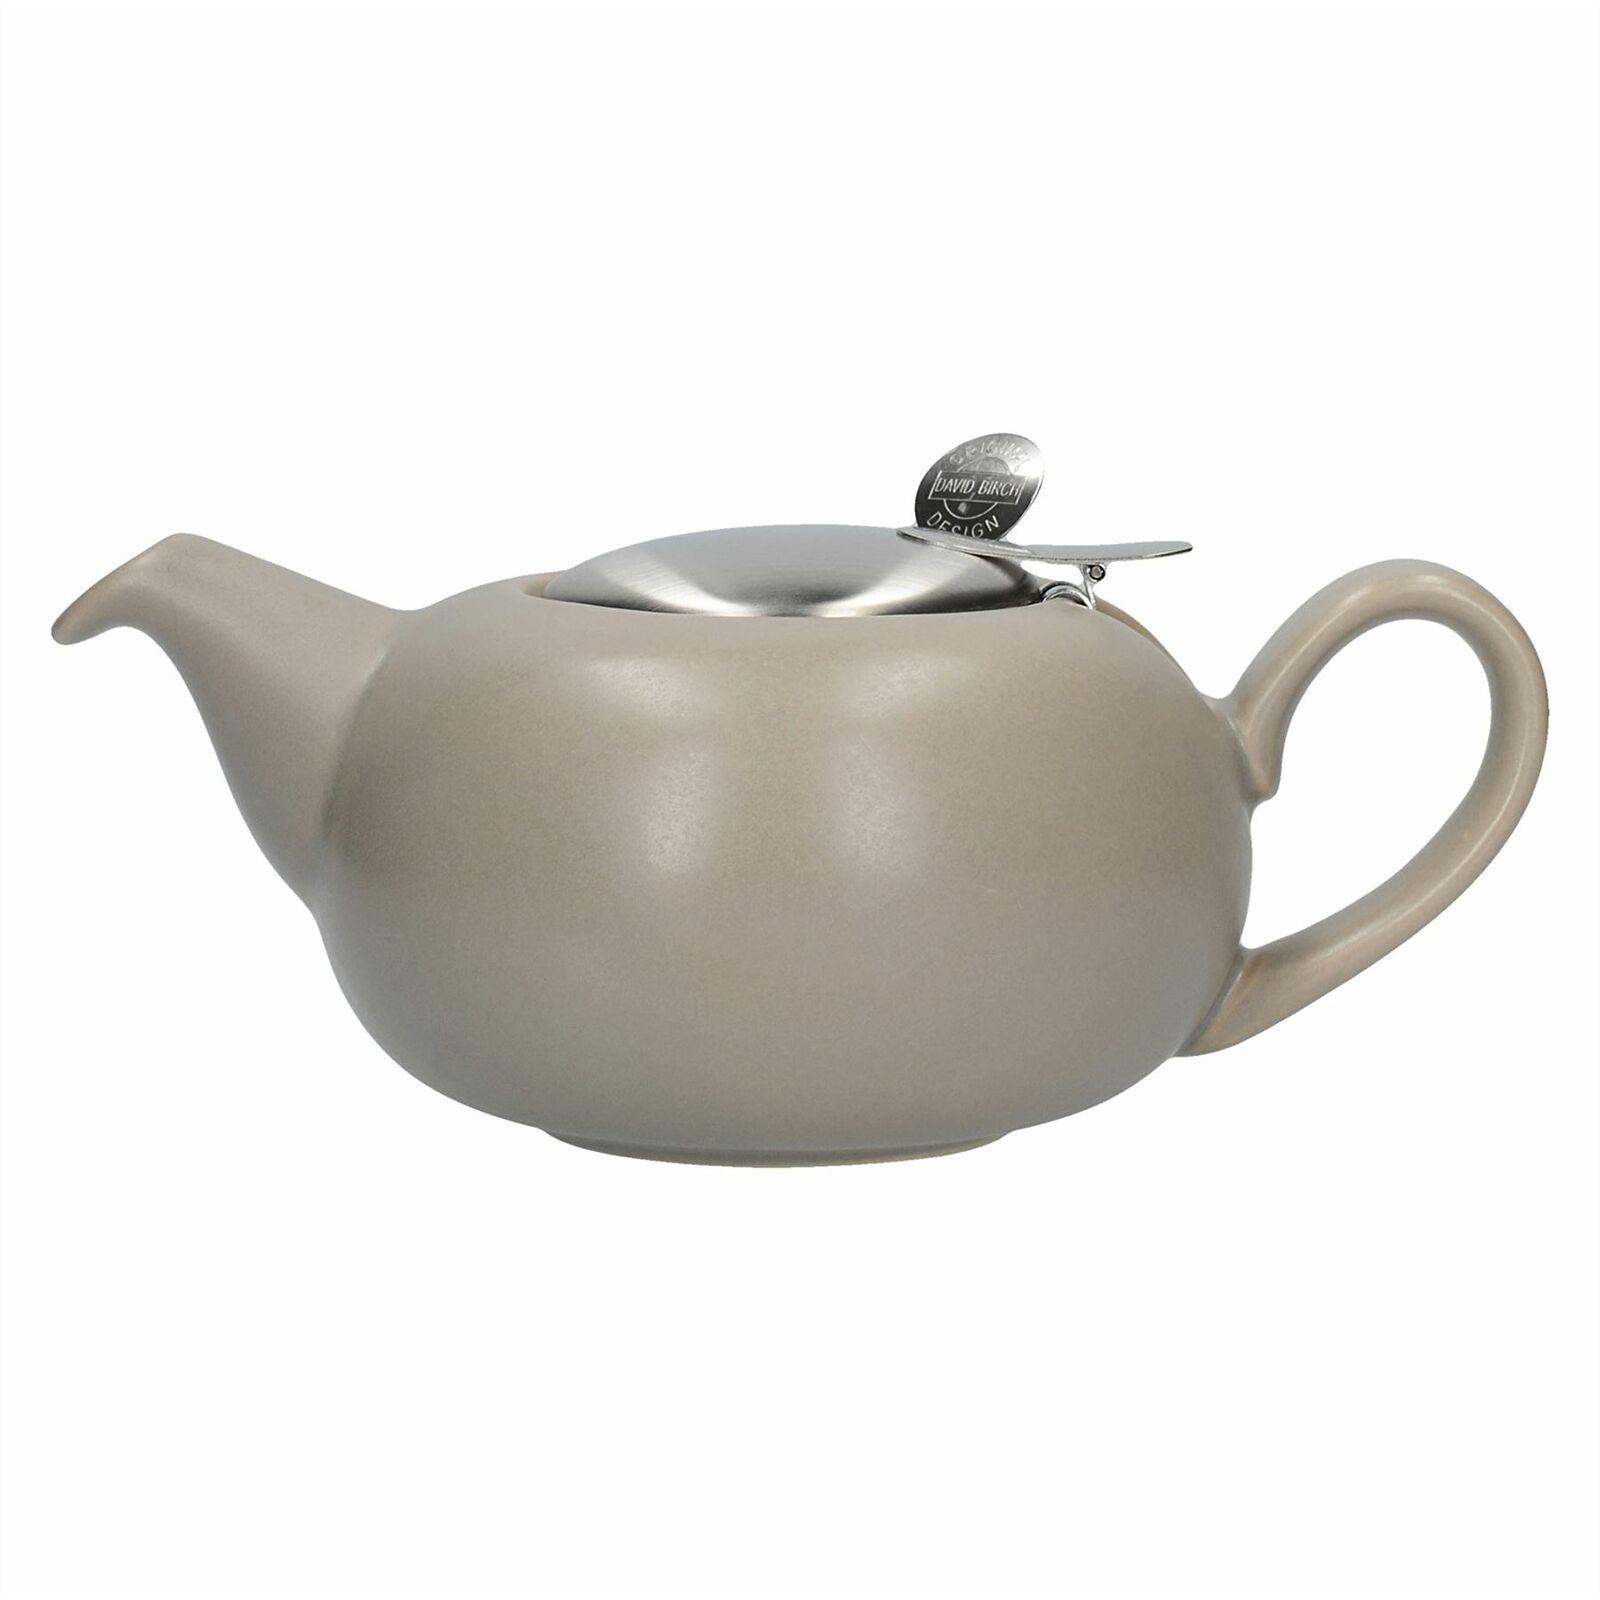 Ceainic-London Pottery Pebble- Filter 2 Cup Teapot Matt Putty